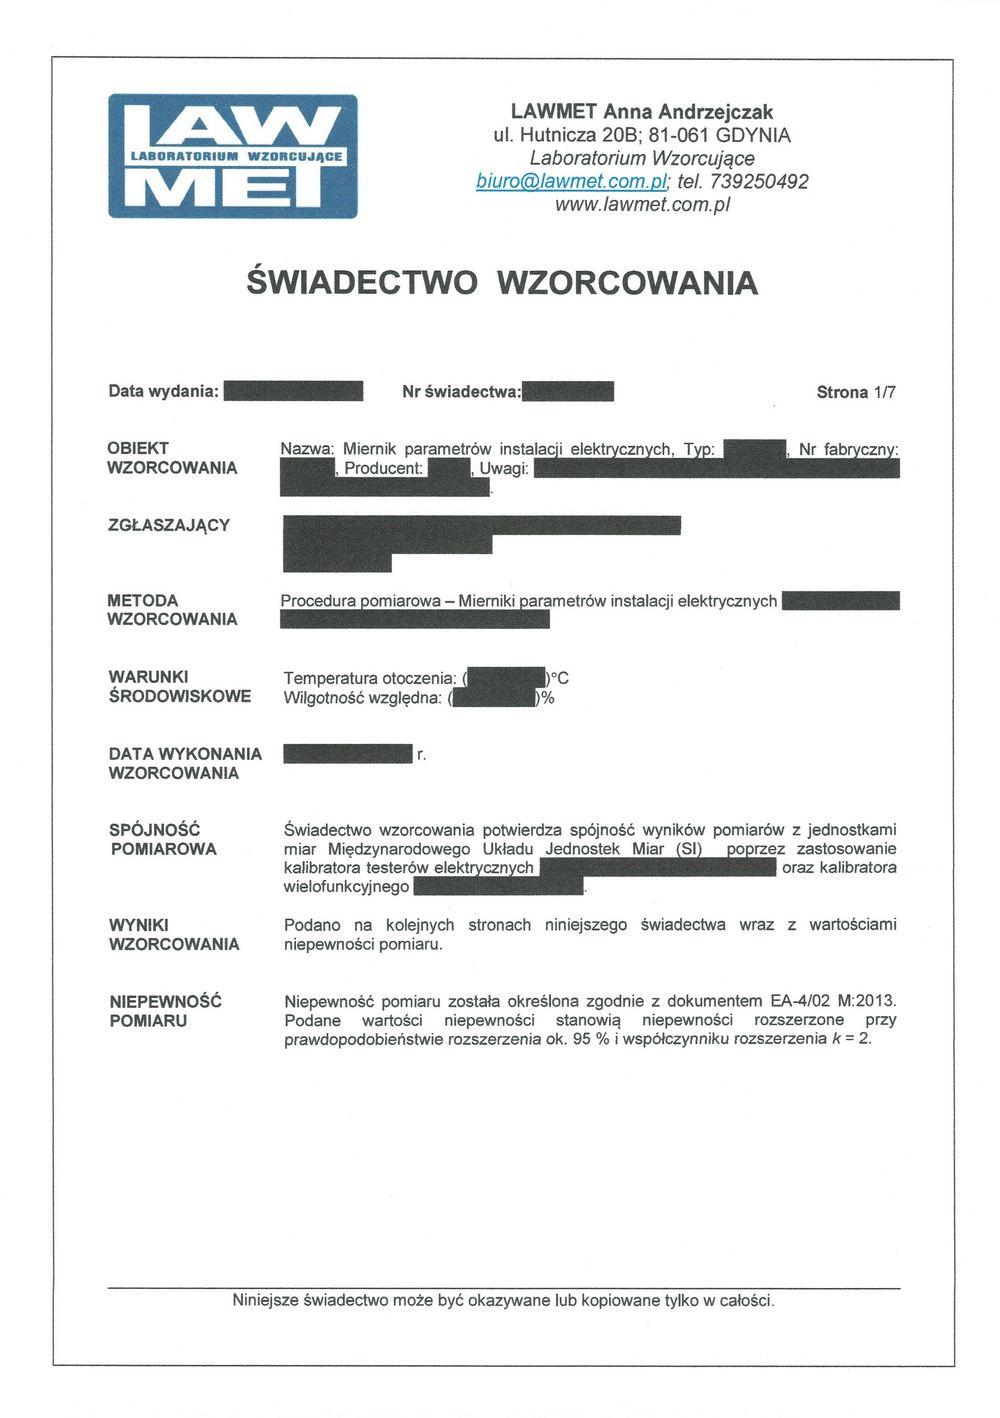 Przykladowe_swiadectwo_wzorcowania_miernika_parametrow_instalacji_elektrycznej_000.jpg